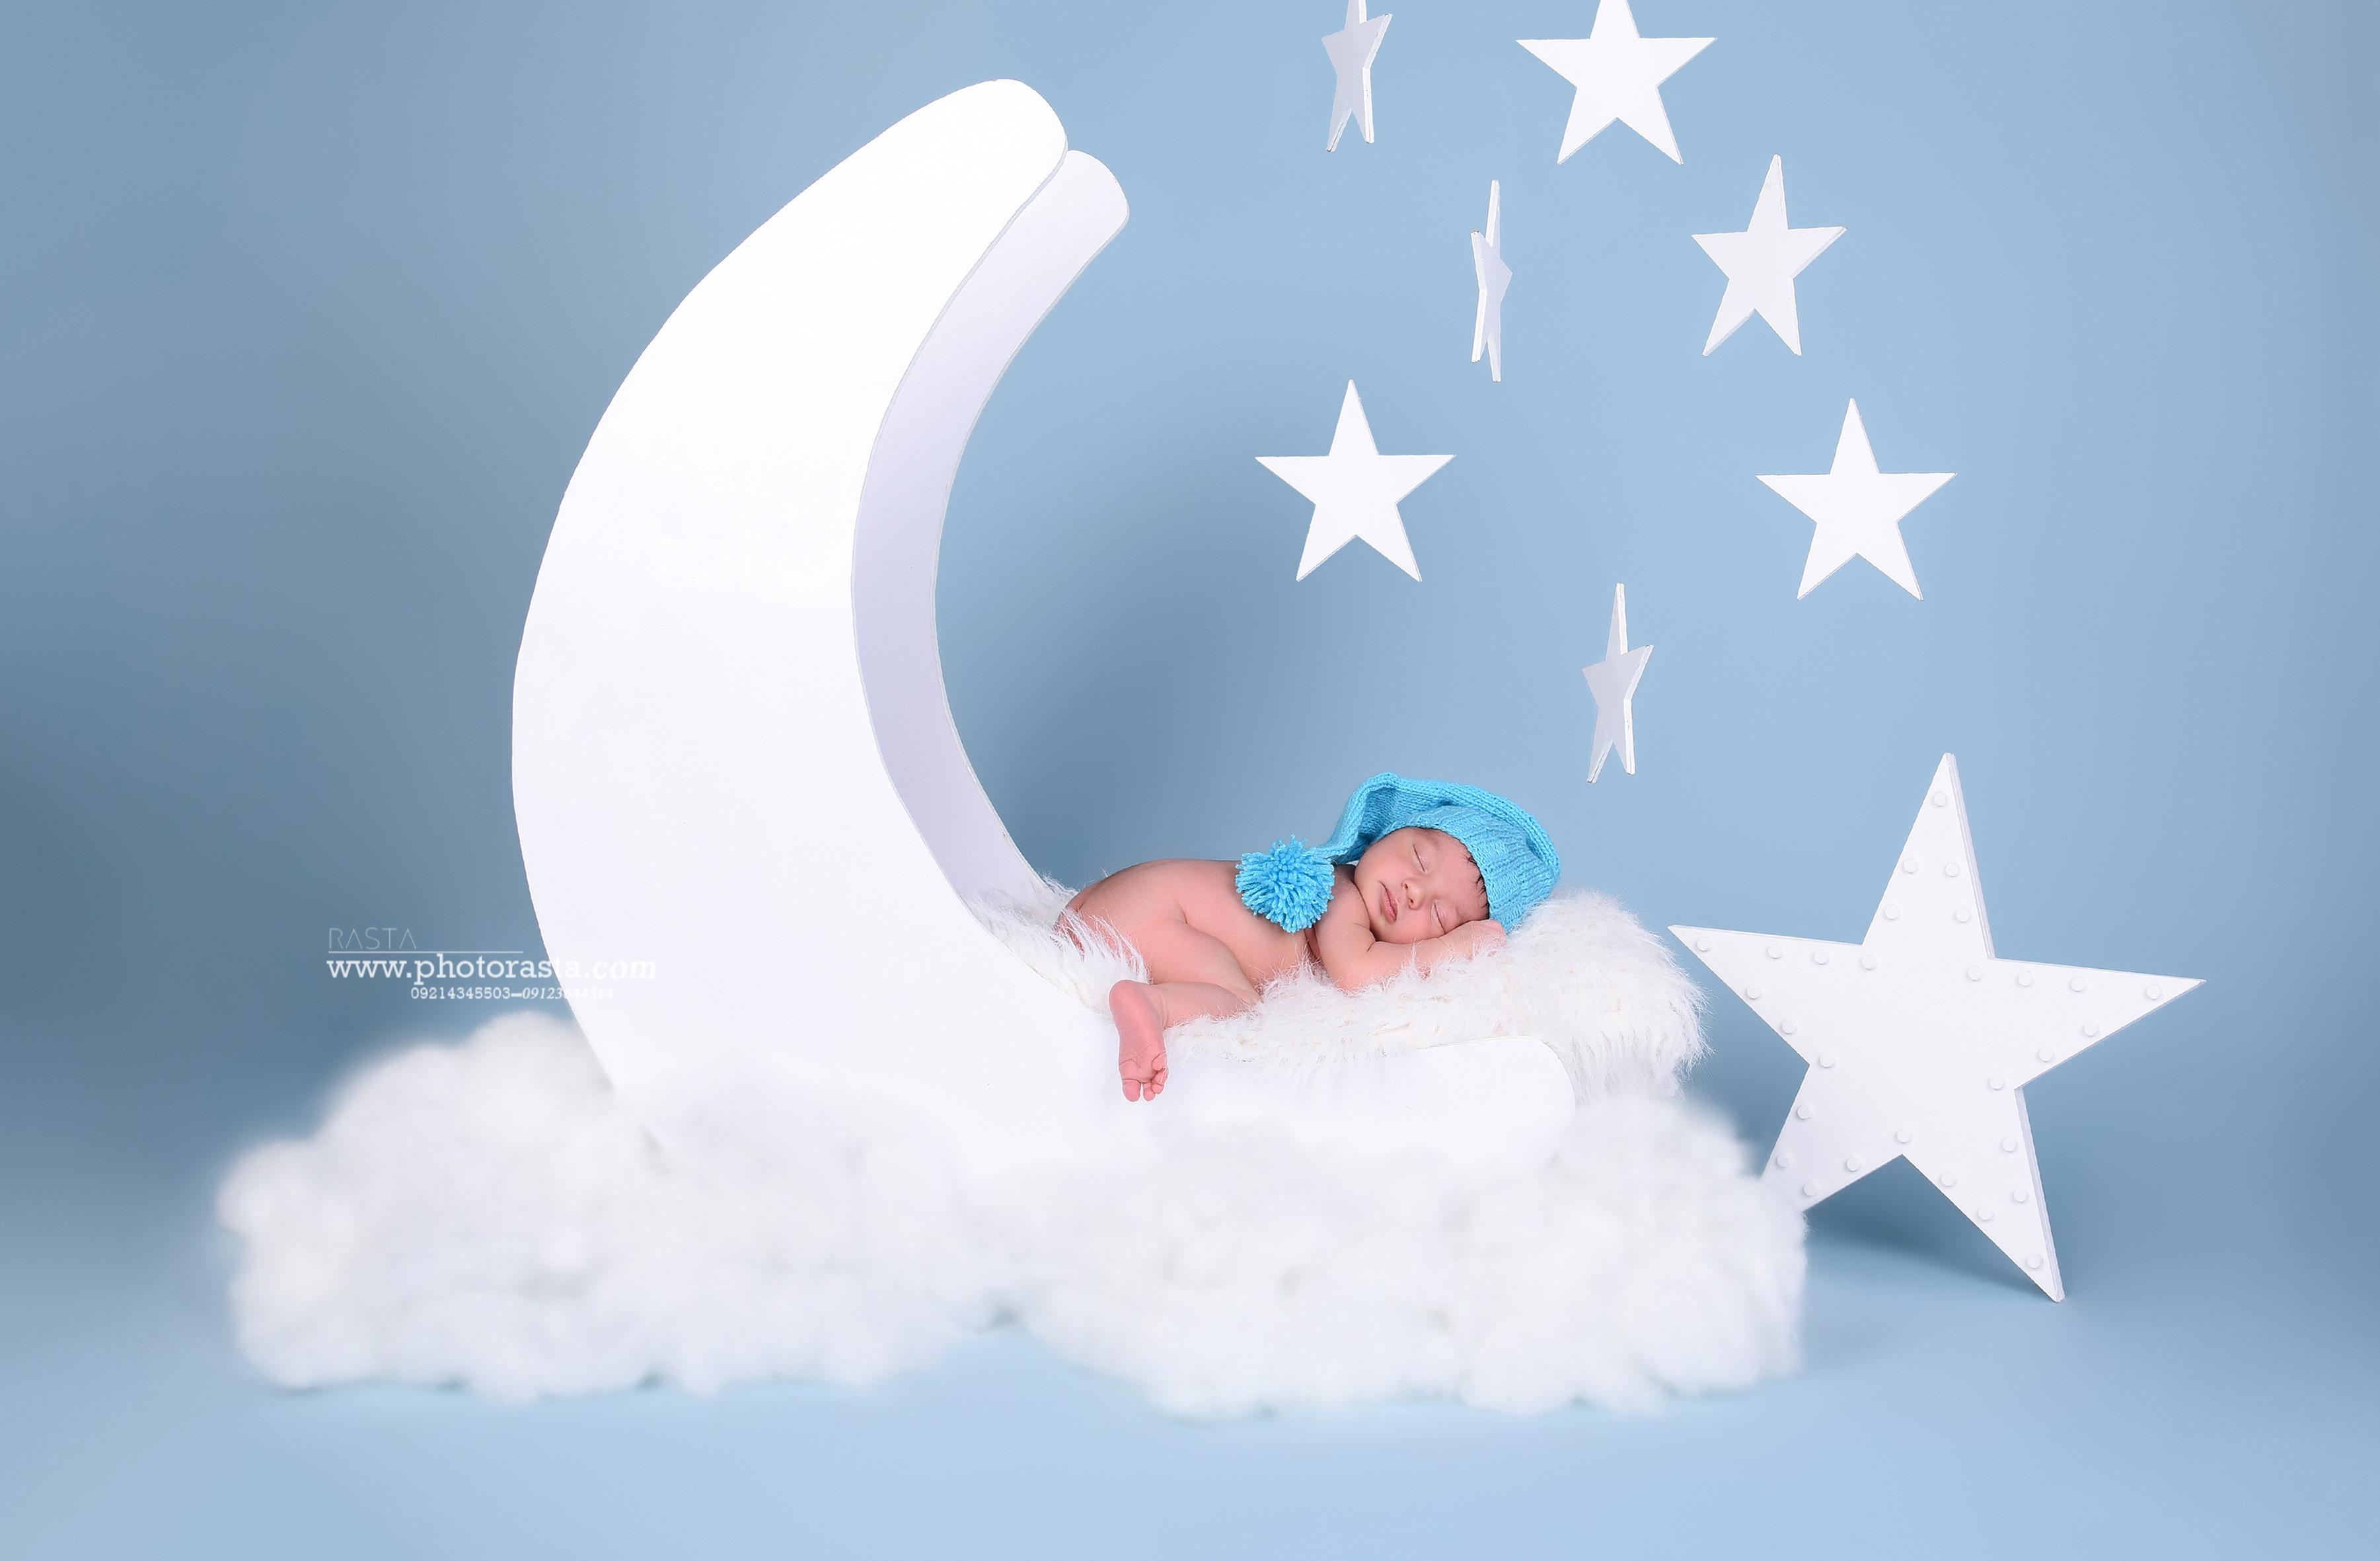 نمونه کار نوزاد با تم ماه و ستاره